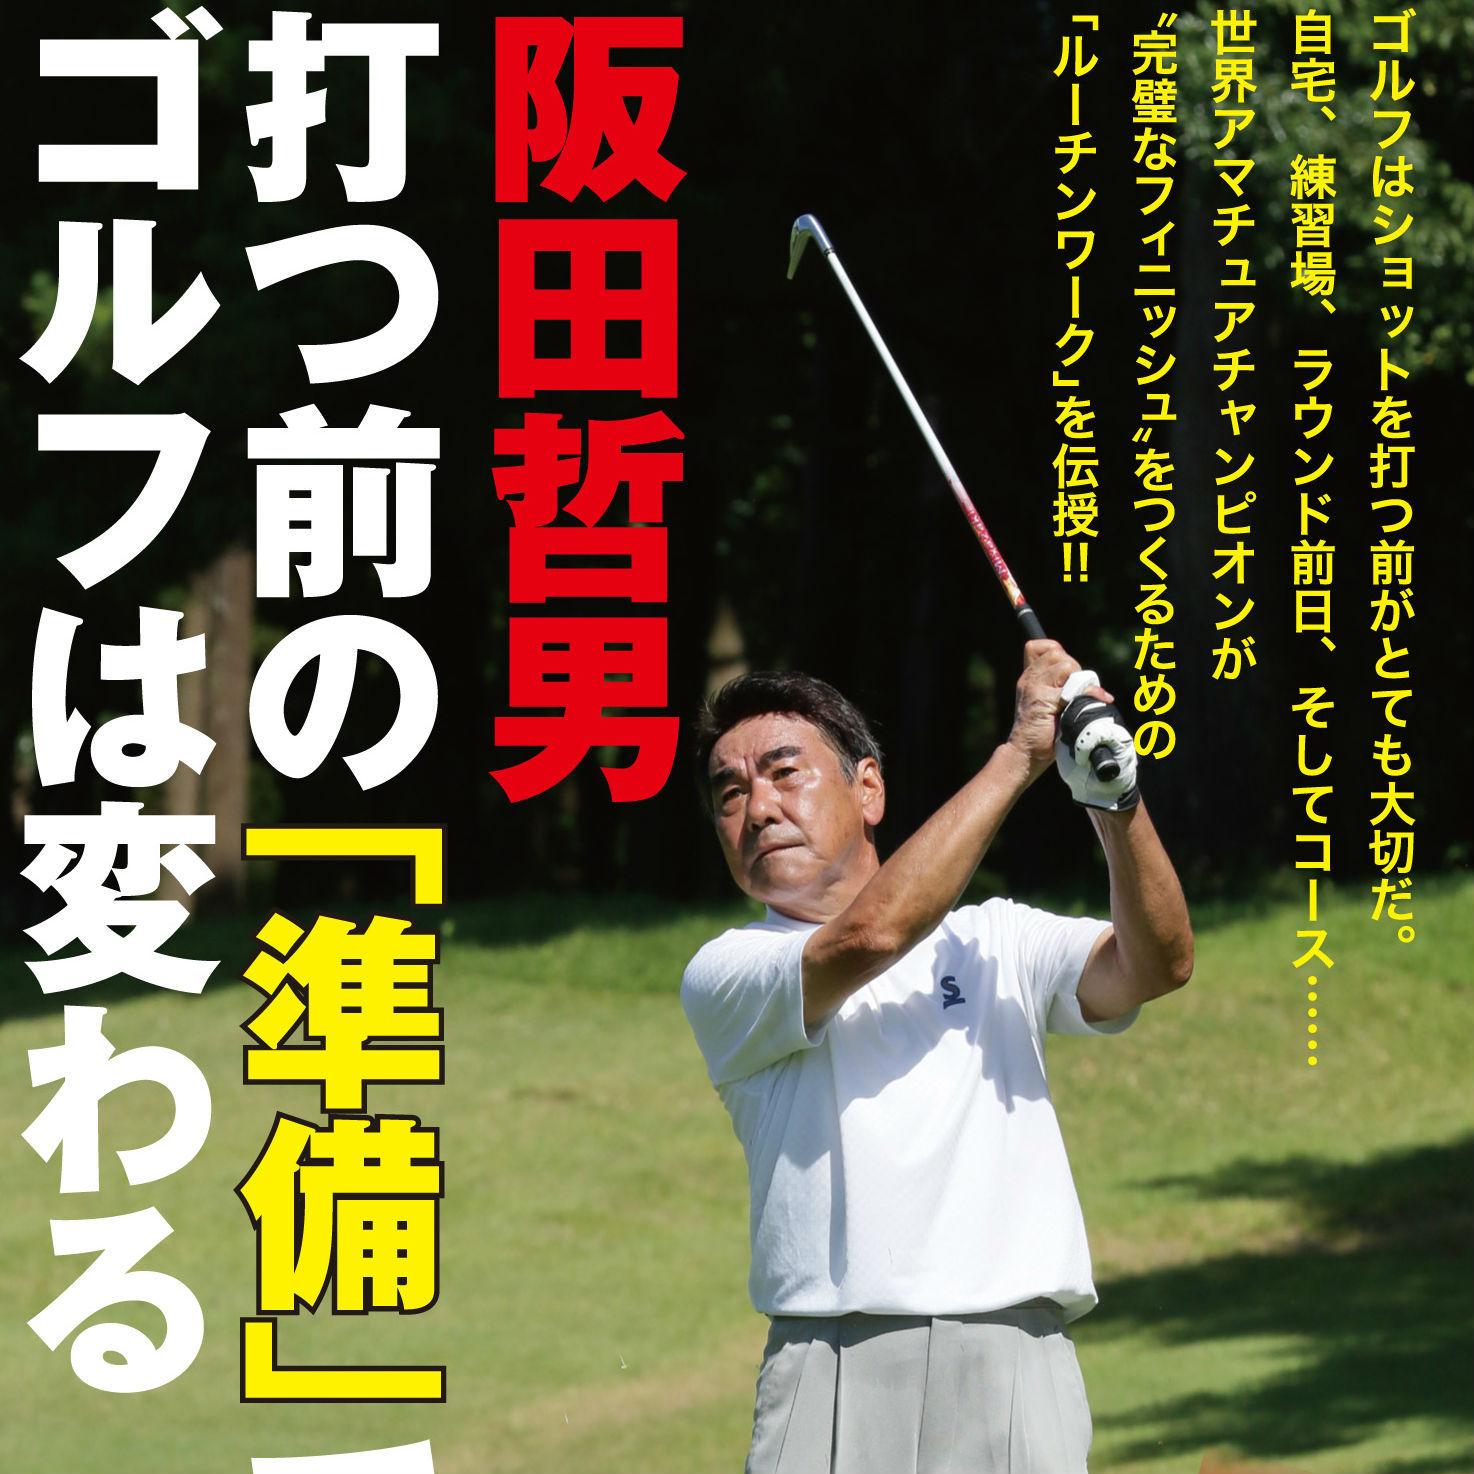 「練習をしない」勇気も大事。阪田哲男氏が指南するゴルフの心構え